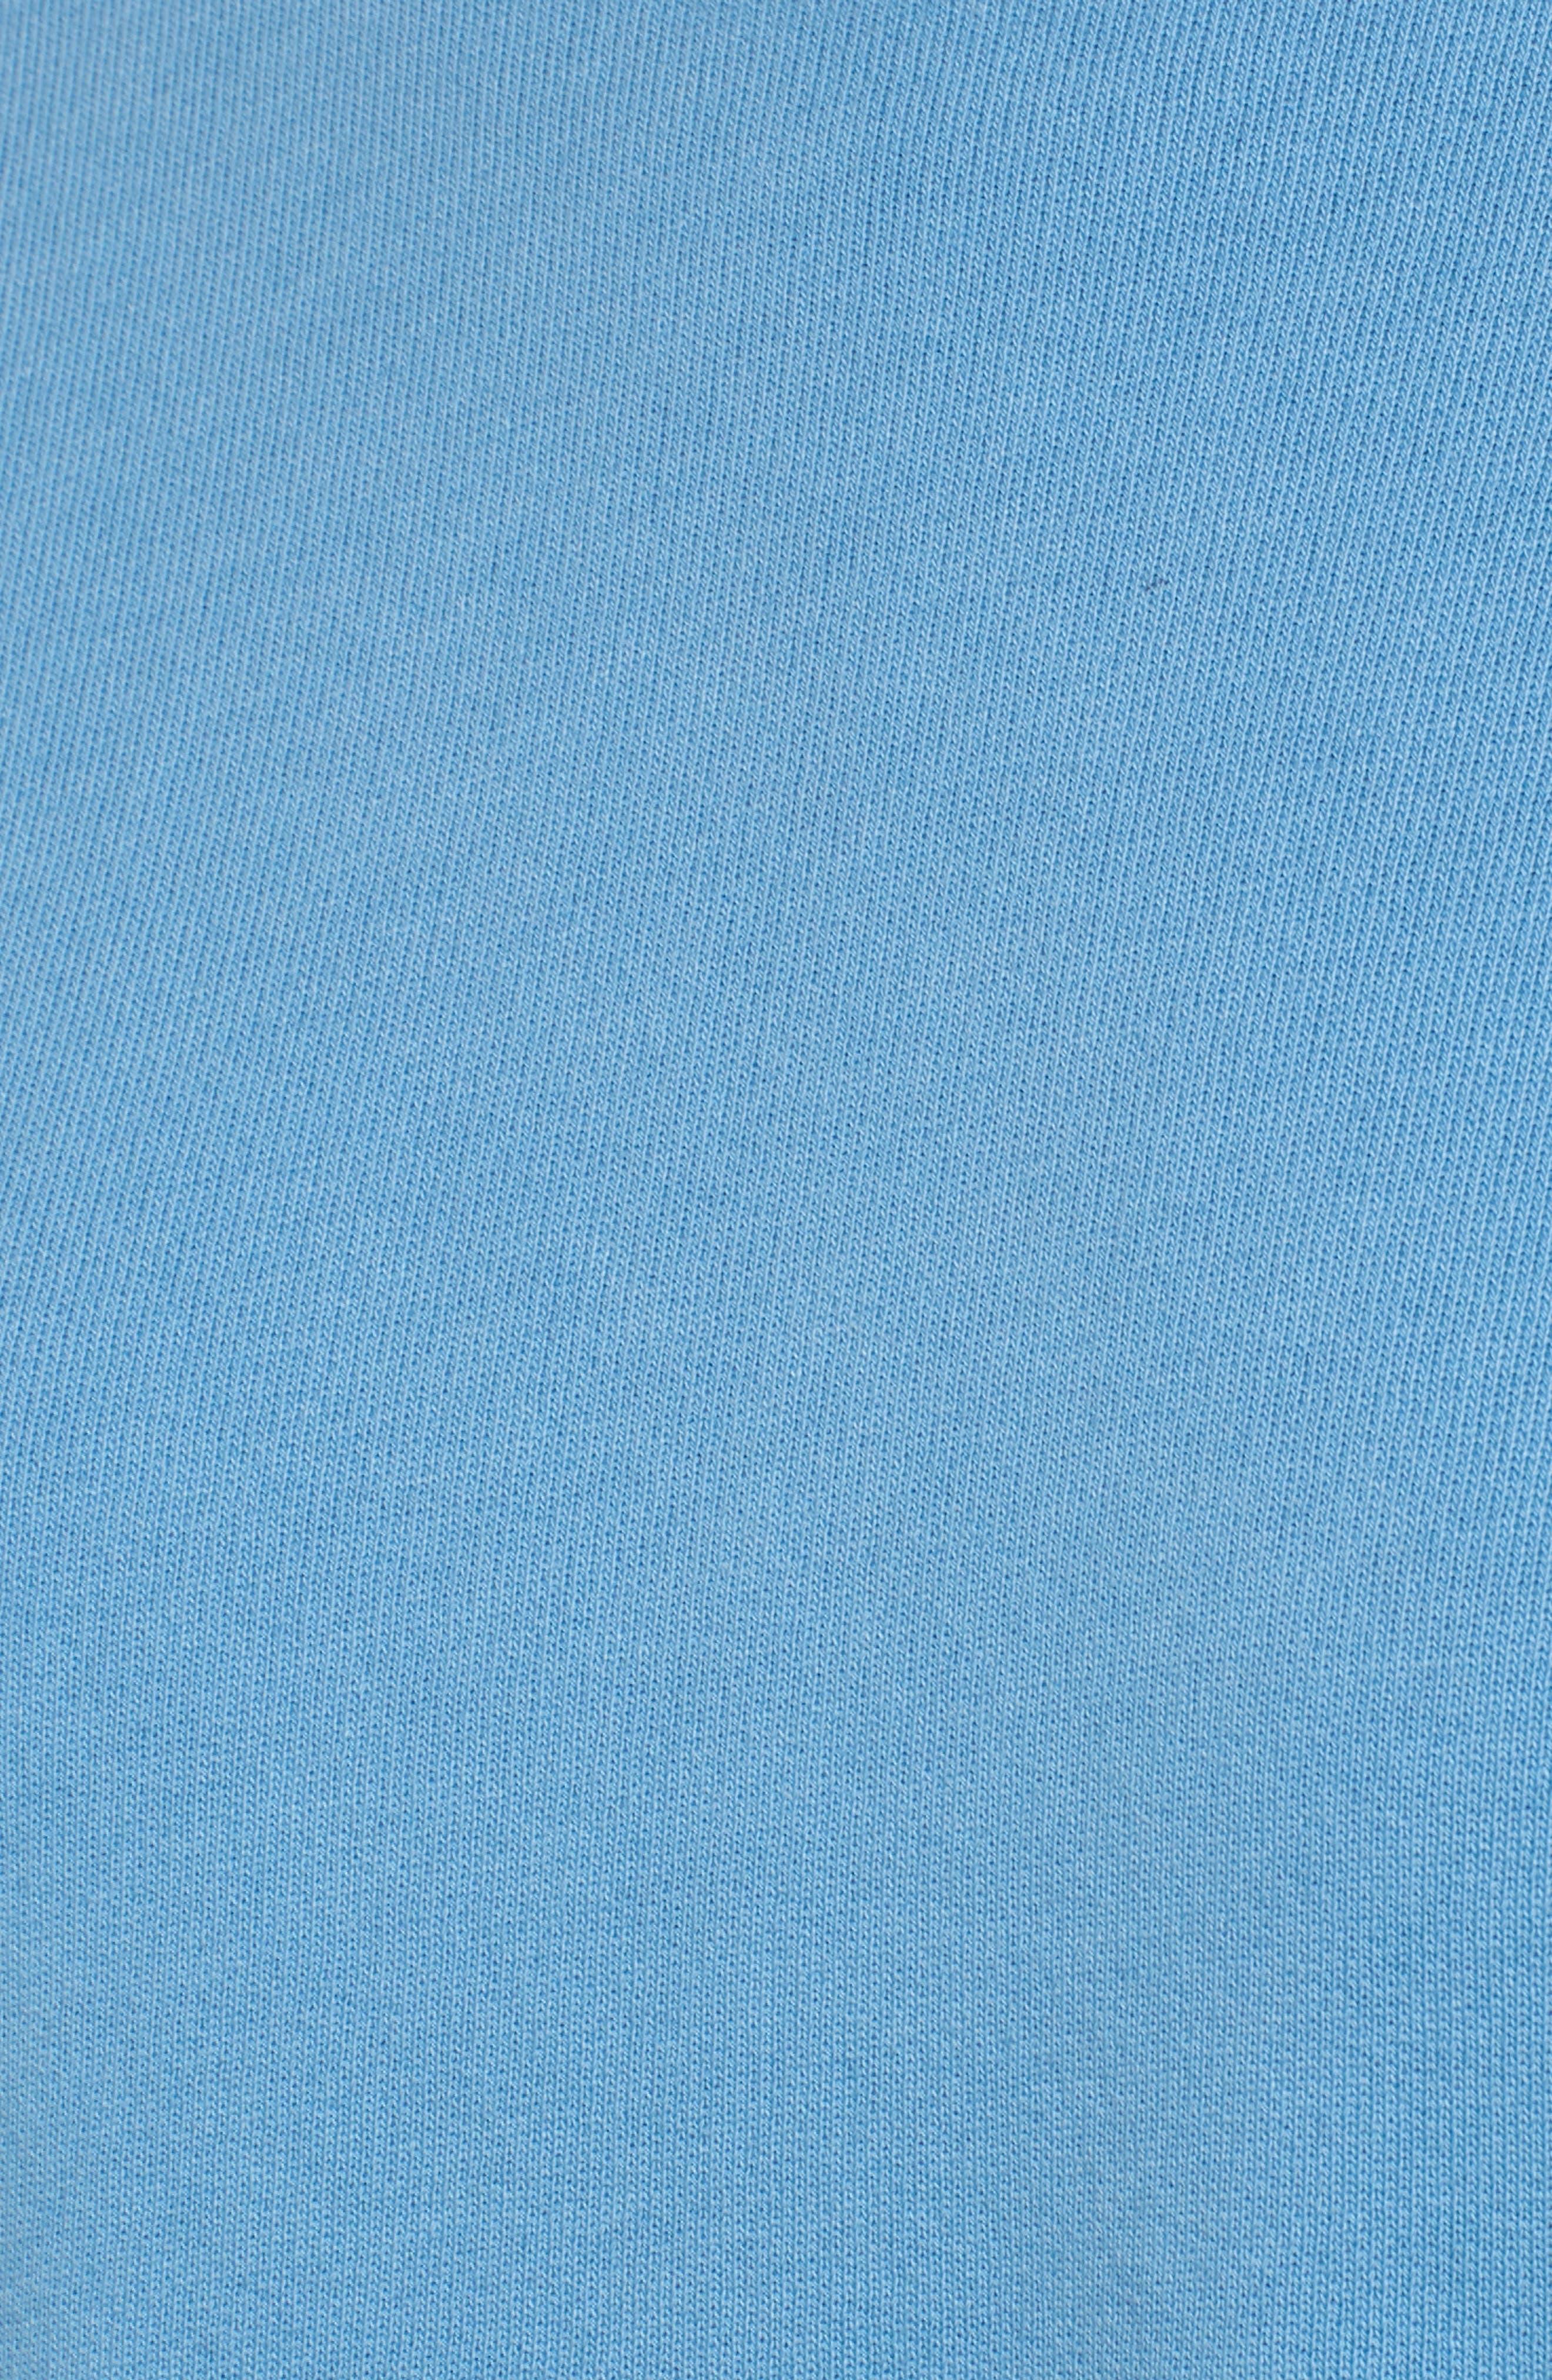 Sweatshirt,                             Alternate thumbnail 5, color,                             Deep End